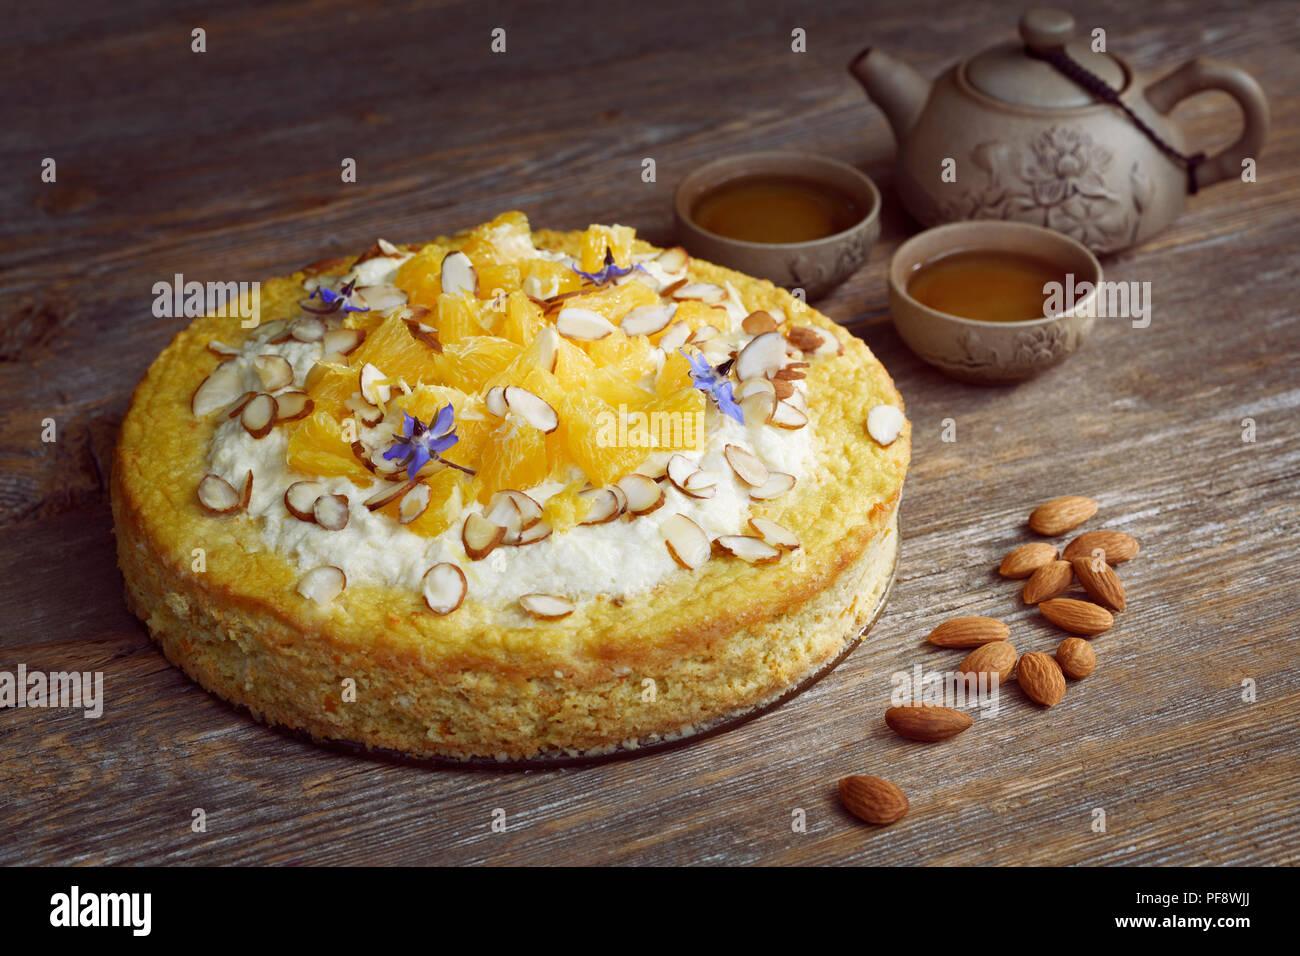 Saludable flourless hecha en casa, sin azúcar, sin lácteos veganas torta de harina de almendras, naranjas y coco, comida artística bodegón con una tetera de barro Imagen De Stock